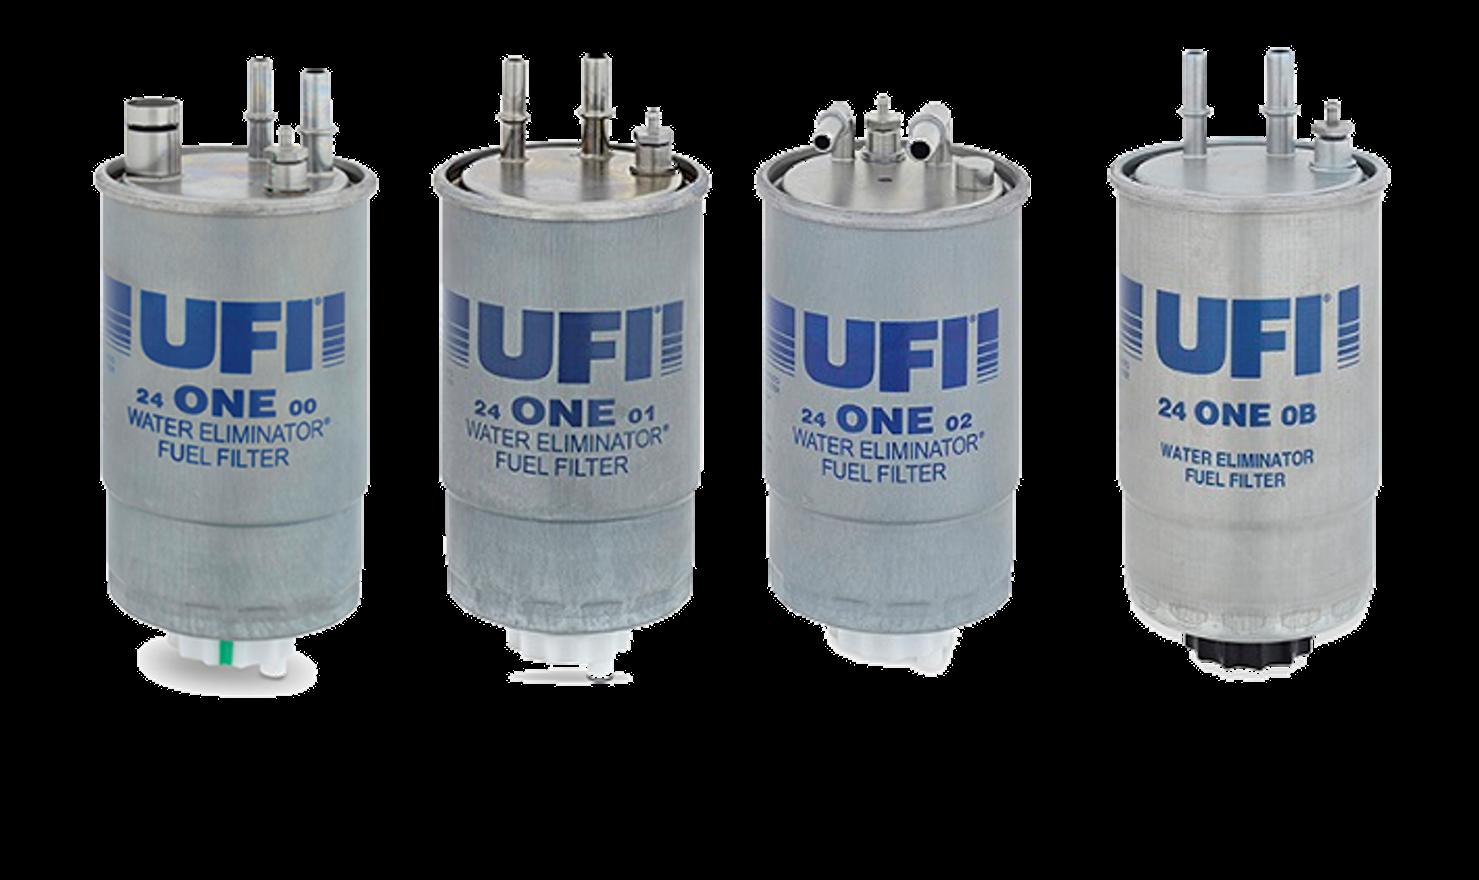 Ufi Filters 24.ONE.02 Filtro Diesel